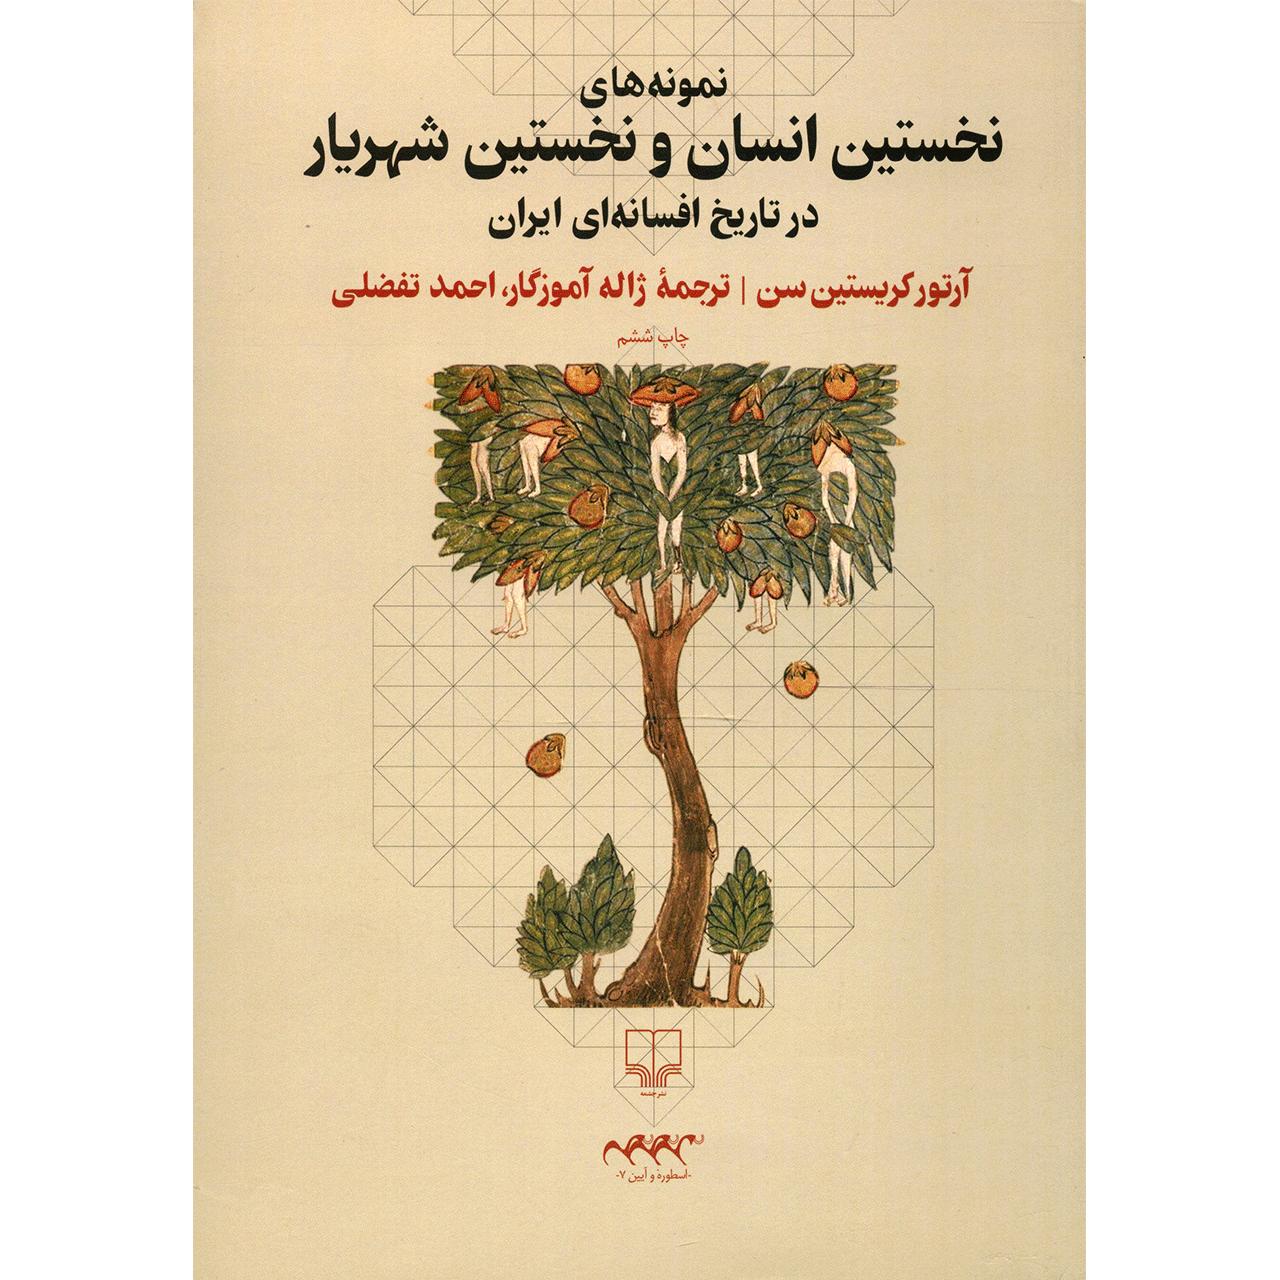 کتاب نمونه های نخستین انسان و نخستین شهریار در تاریخ افسانه ای ایران اثر آرتور کریستین سن